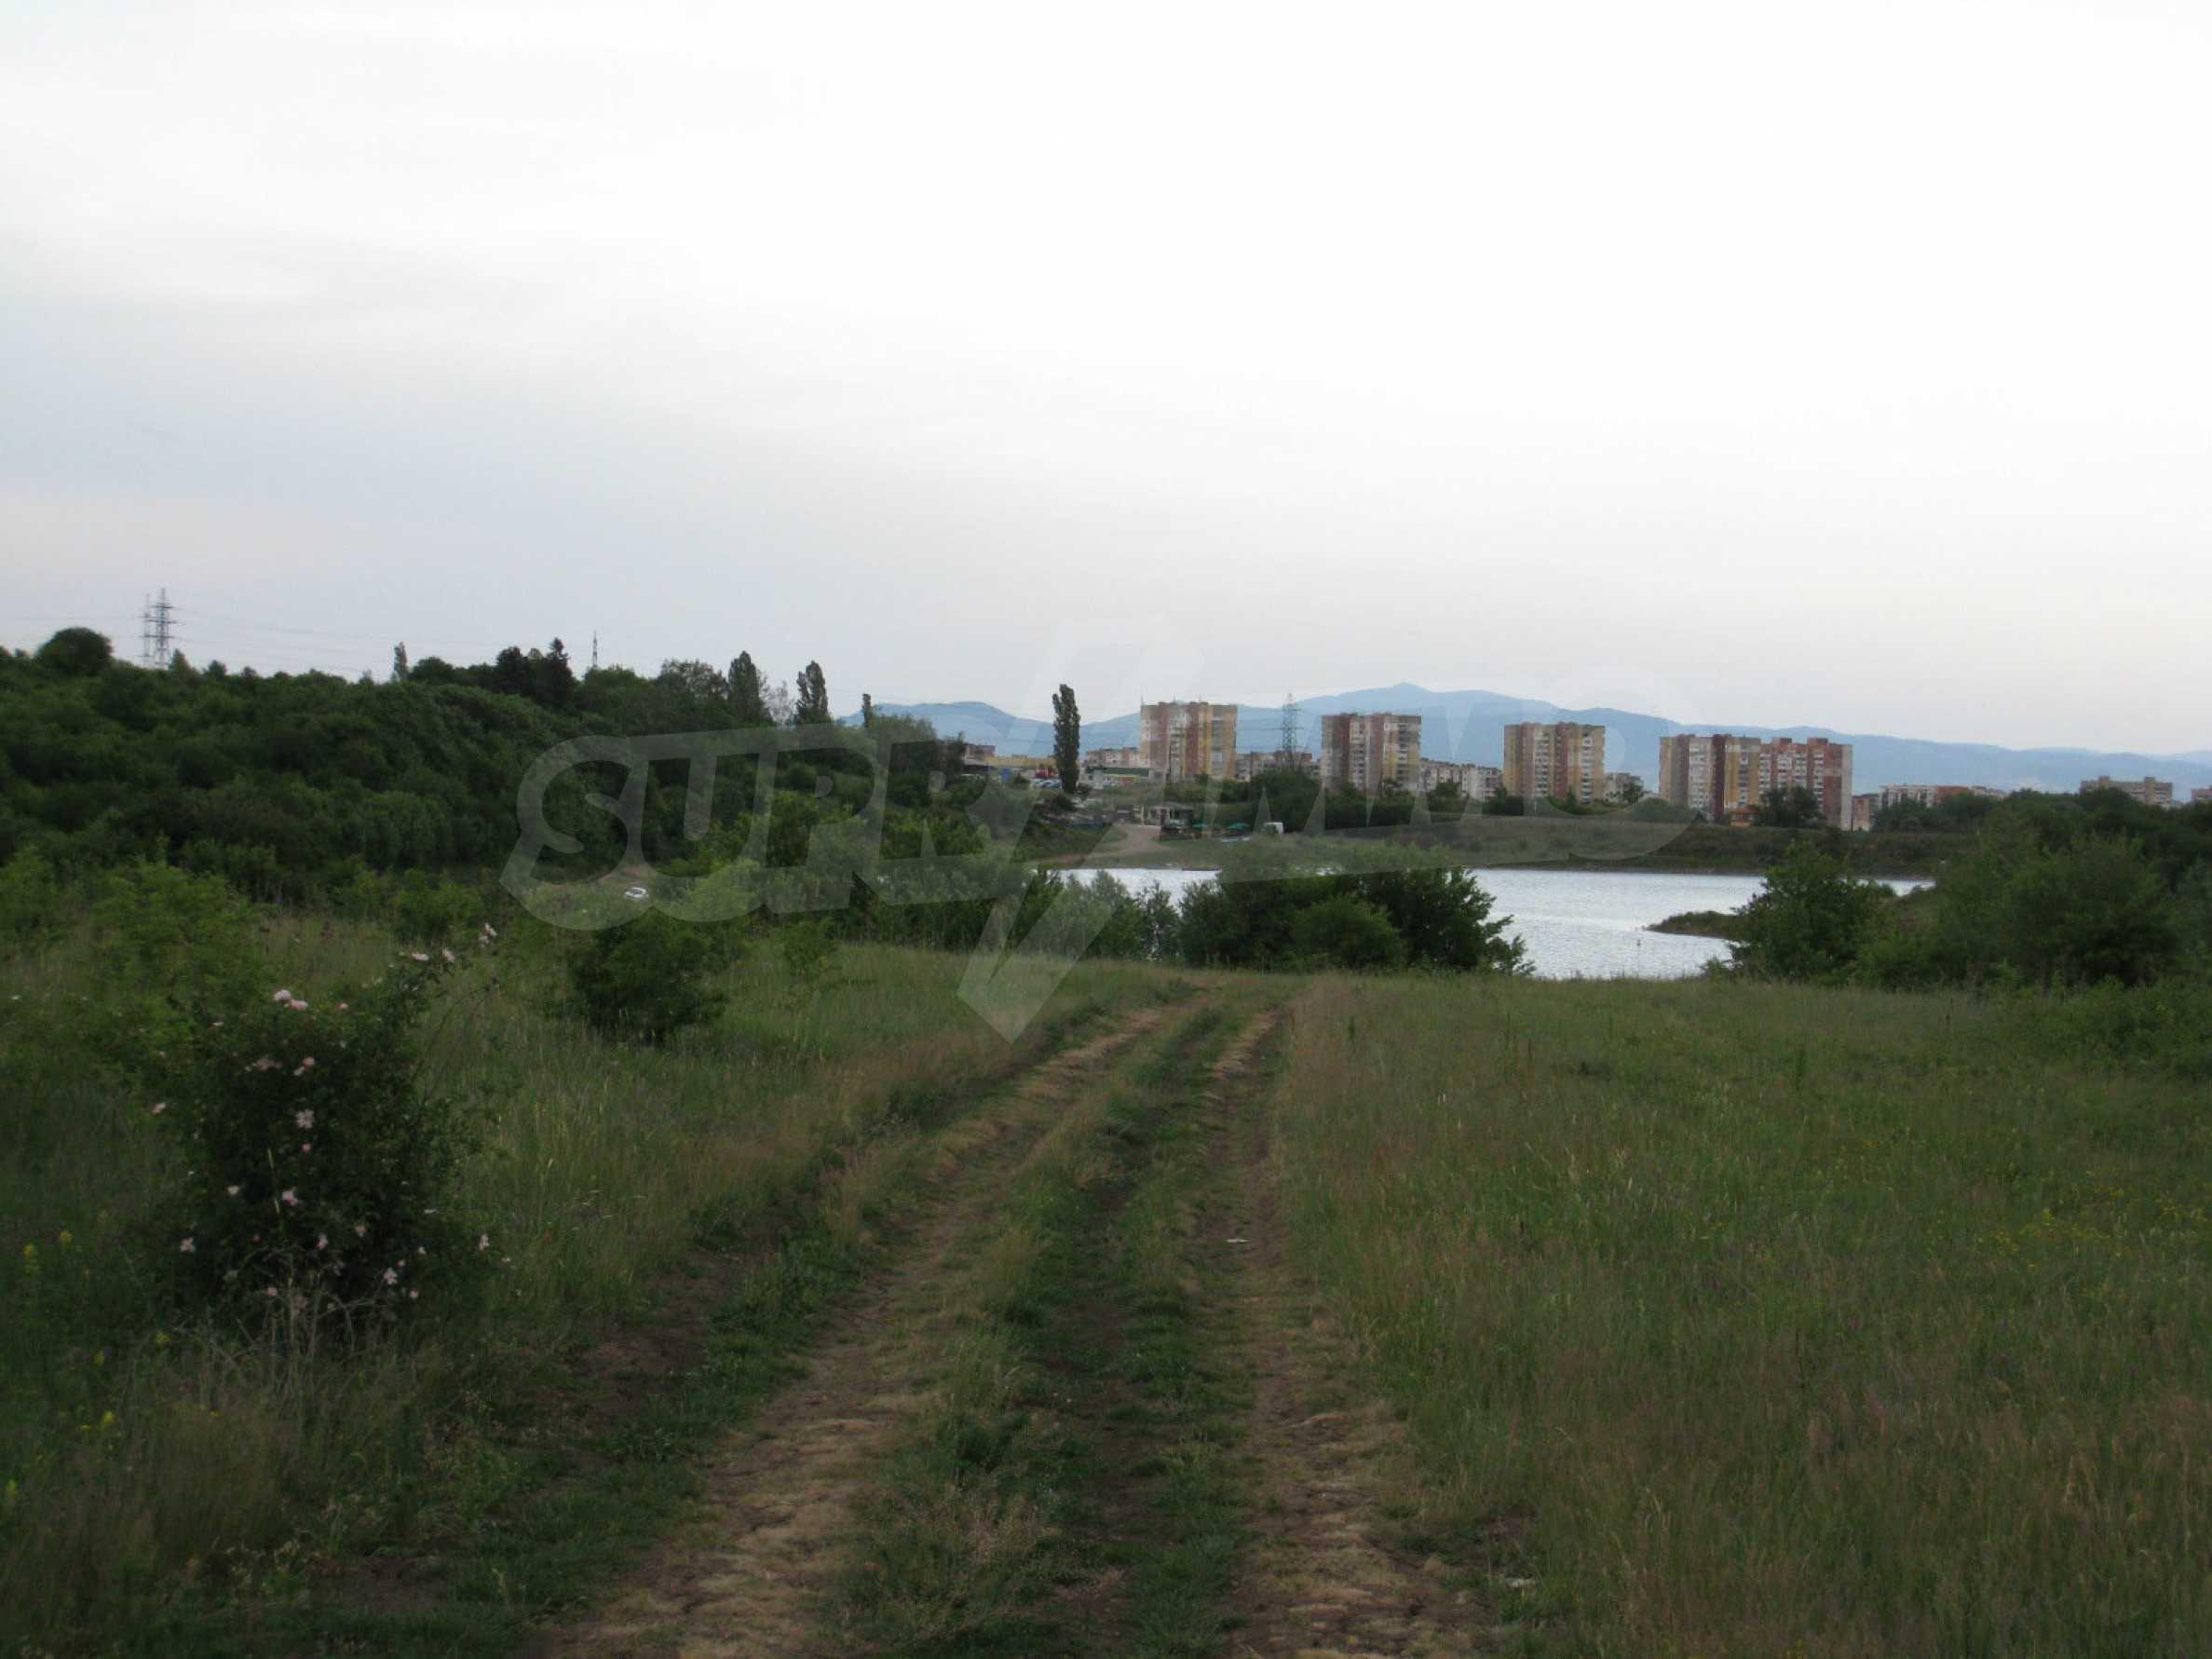 Ackerland in der Nähe eines Sees in Suhodol 19